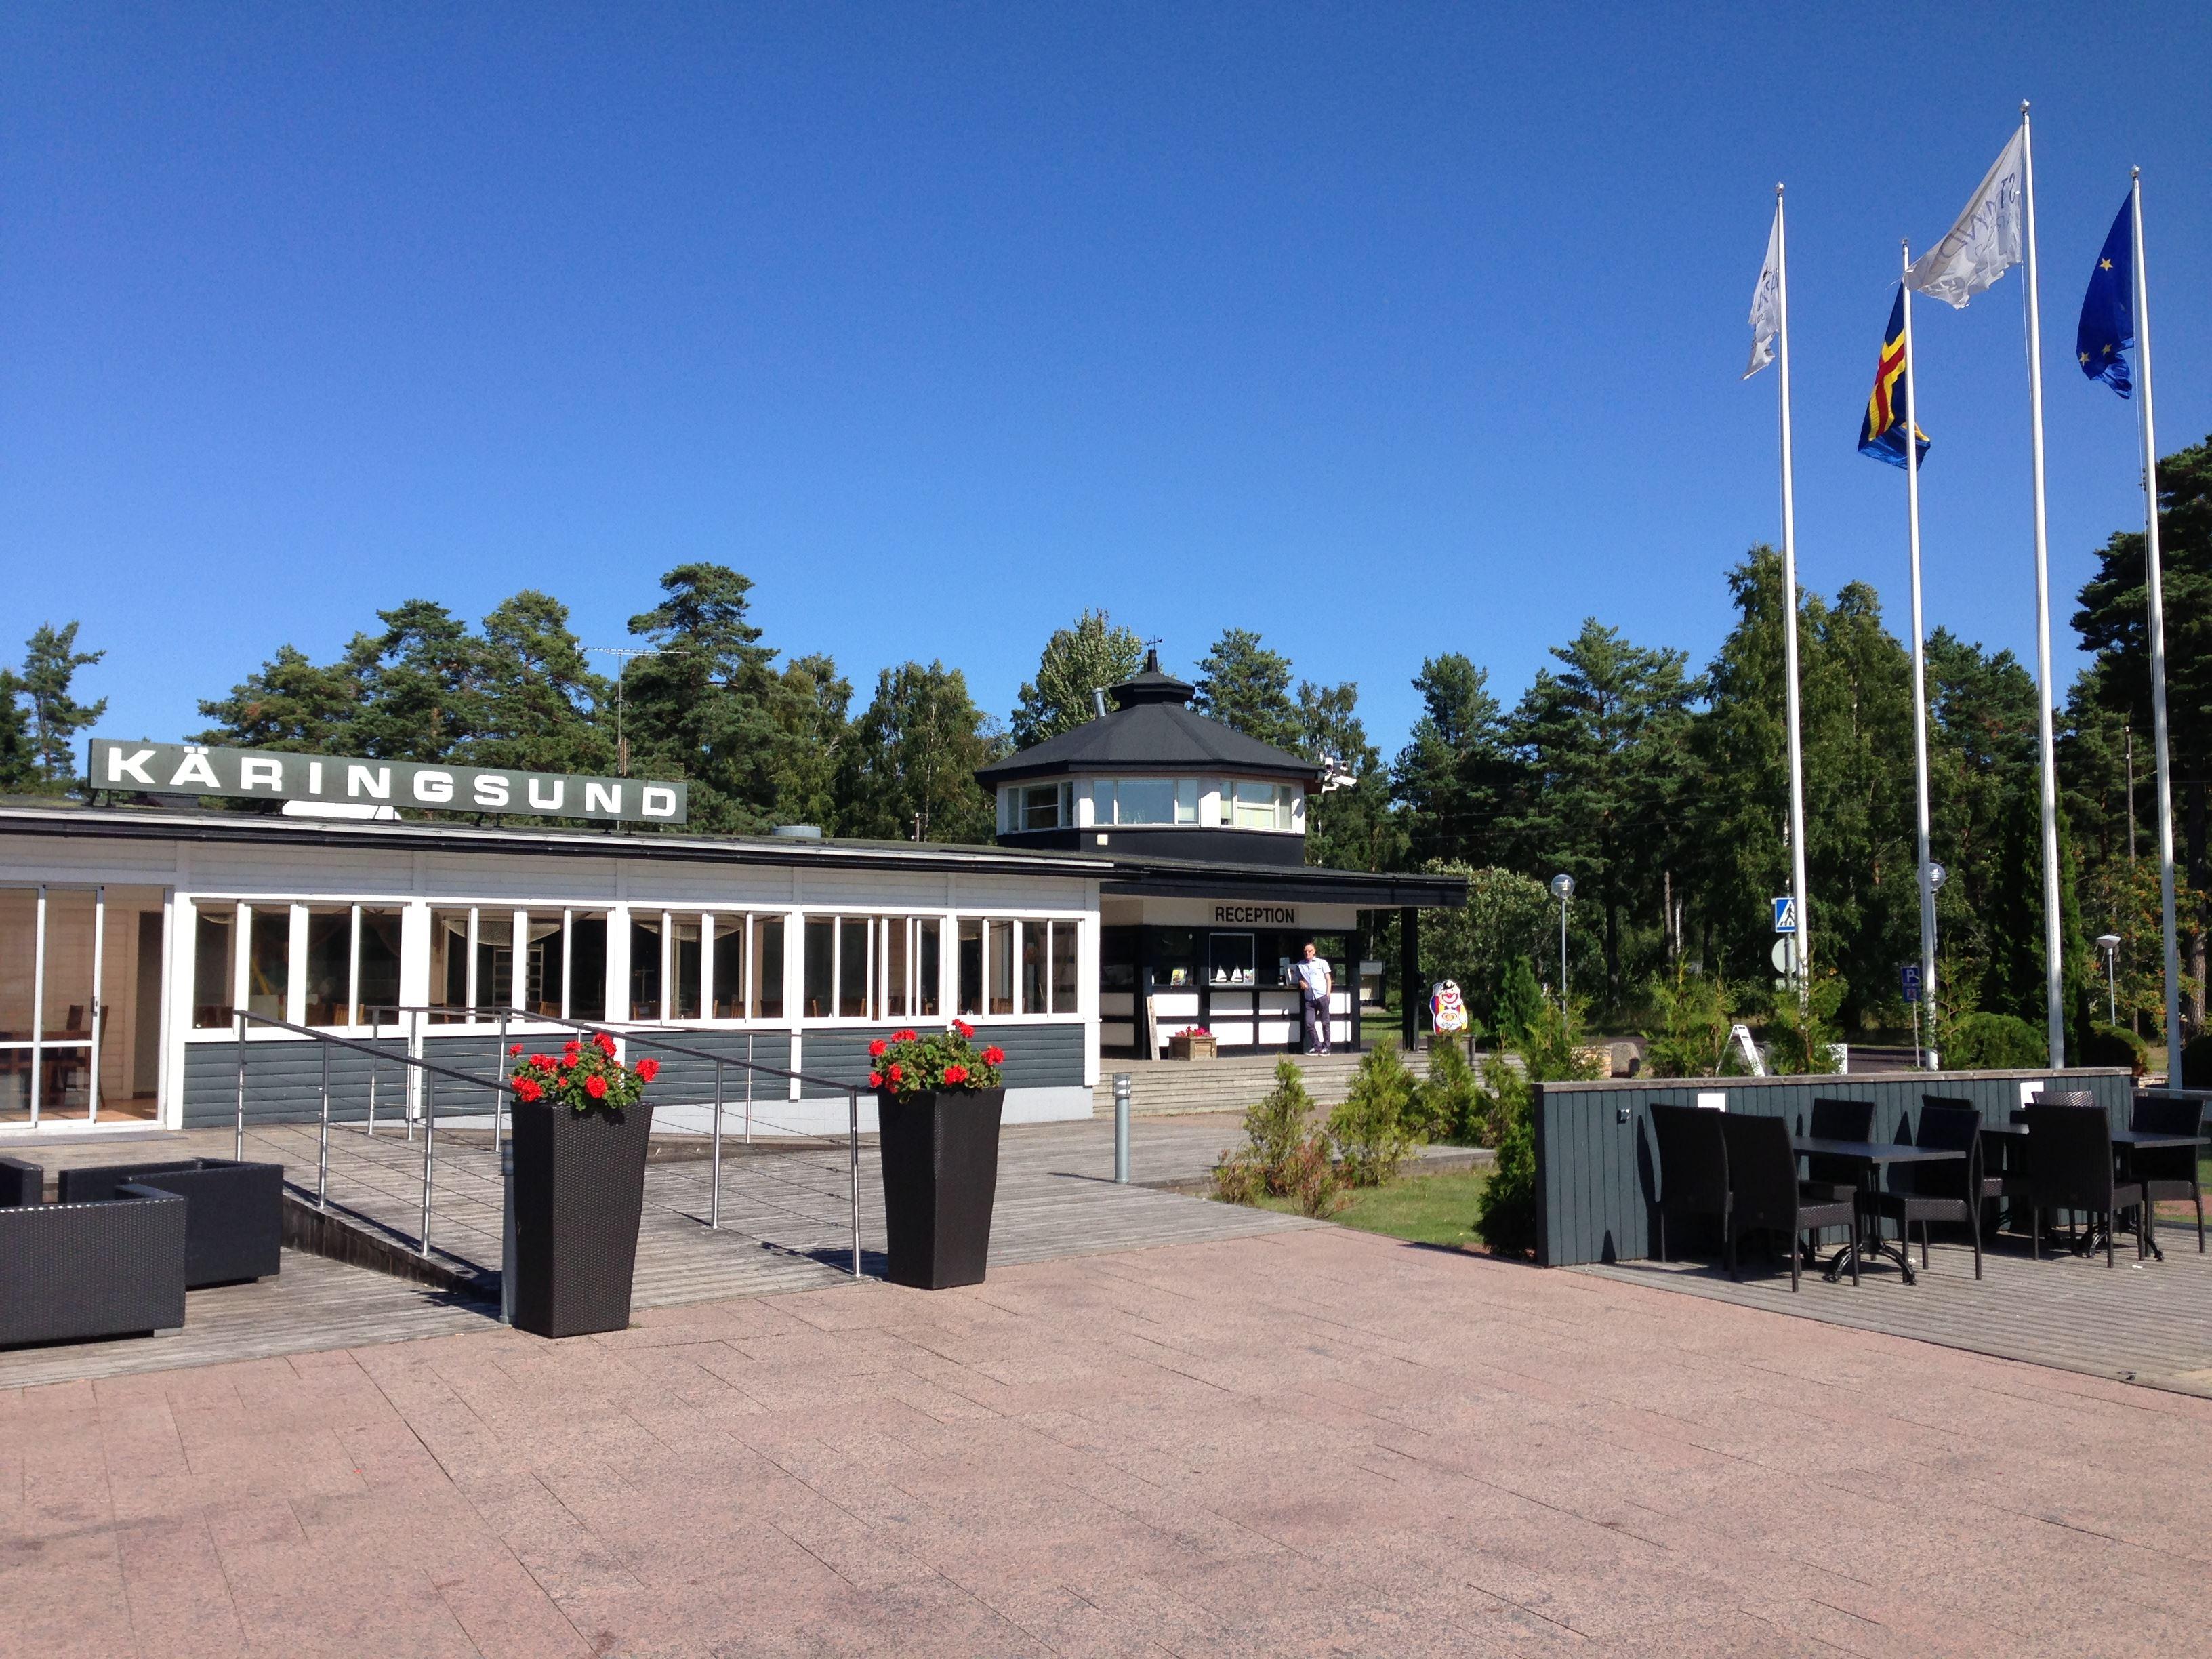 Käringsund Resort   Conference d47eadc28ee51